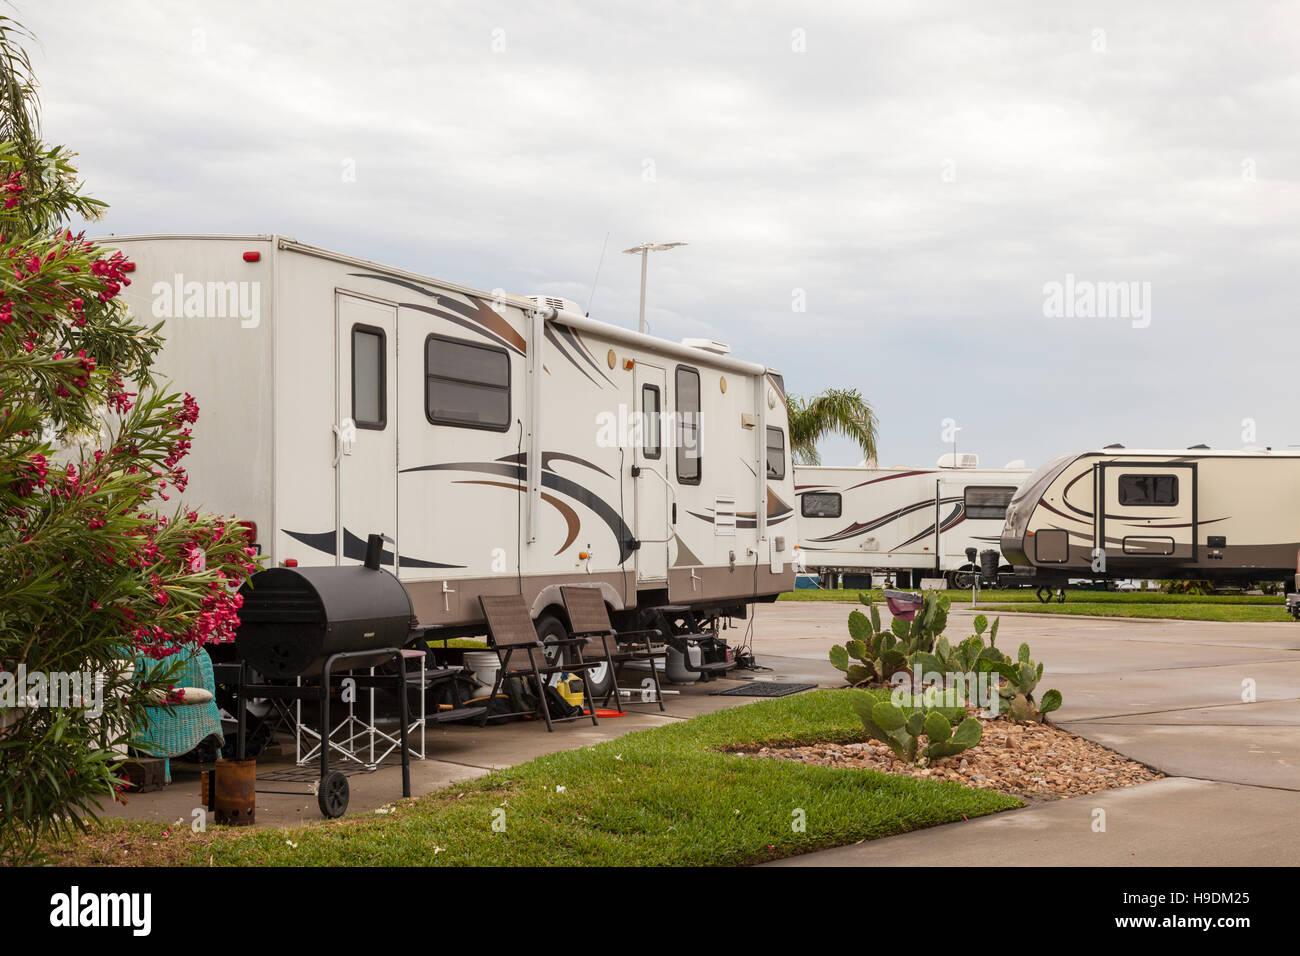 Los vehículos recreativos en un camping Parque de RV en el sur de los estados unidos Imagen De Stock